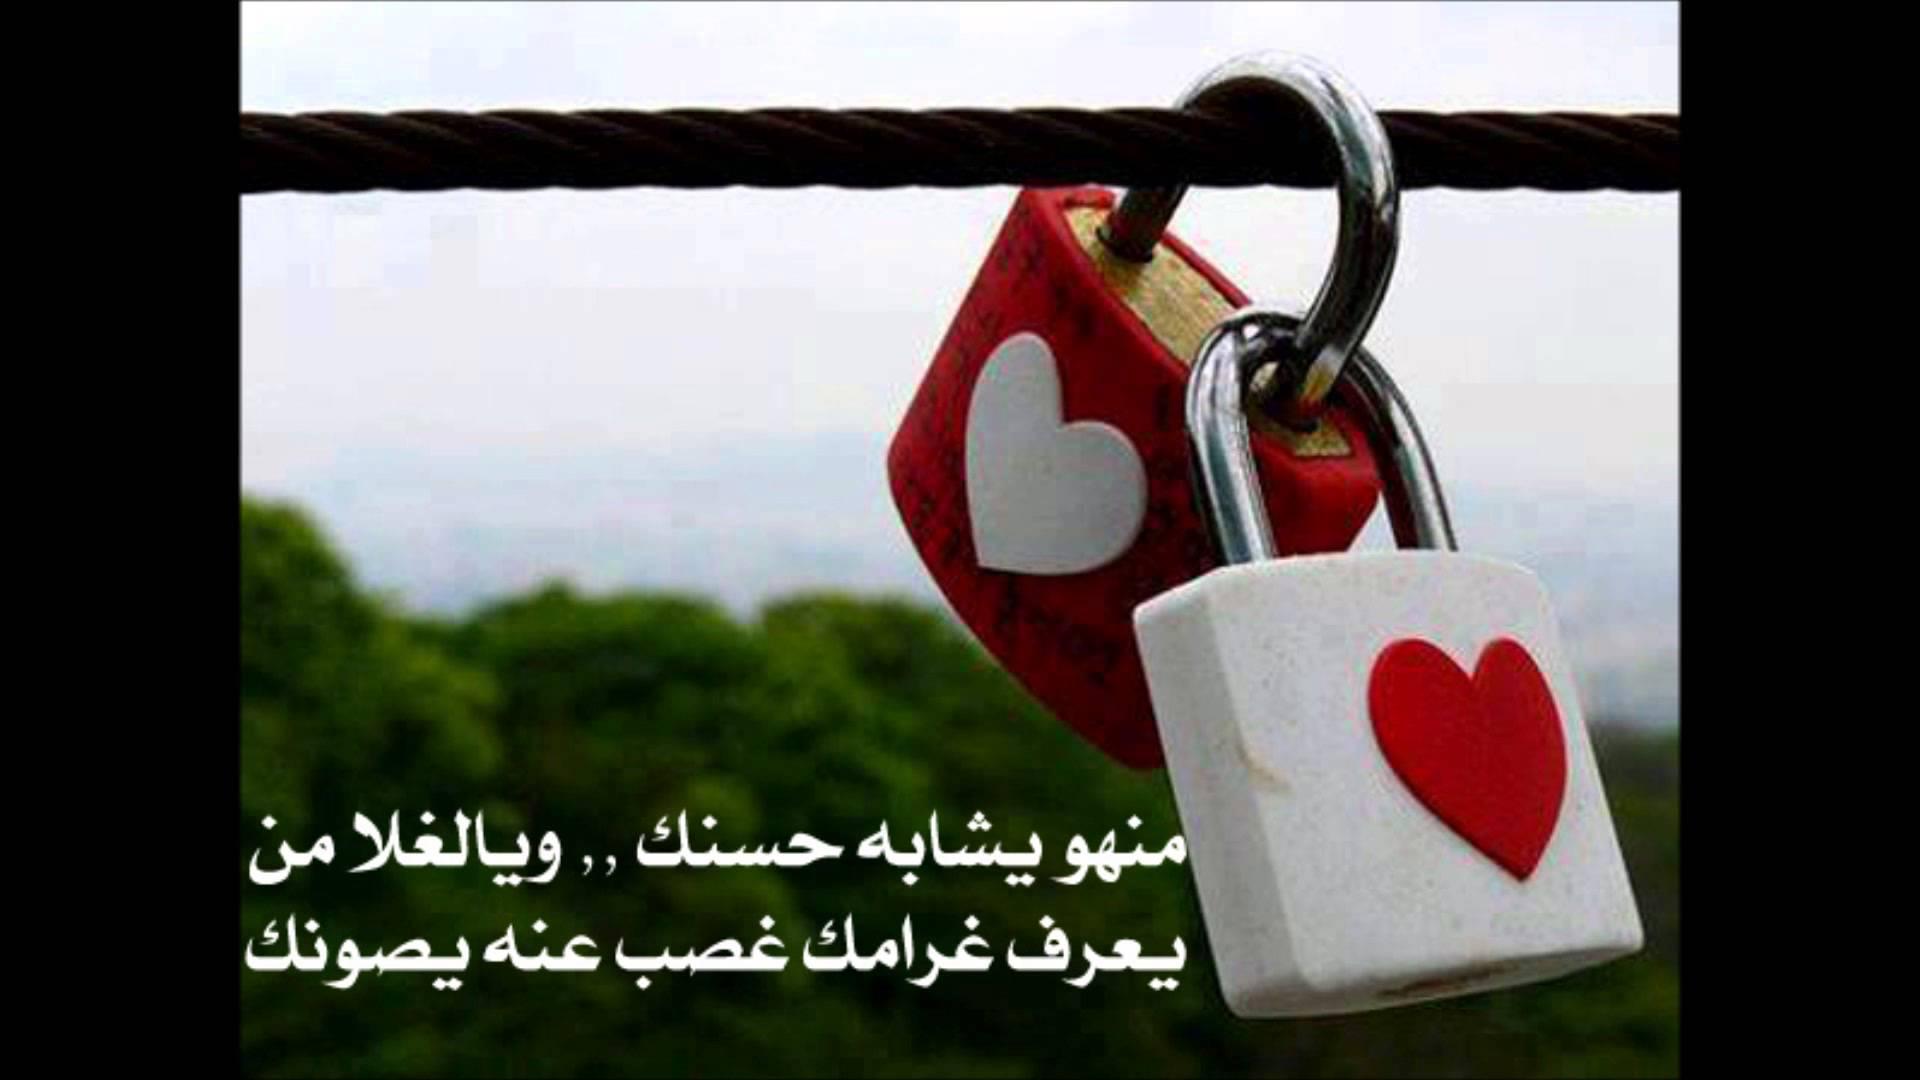 صور صور رسائل حب , الحب وكلماته فى رسايل